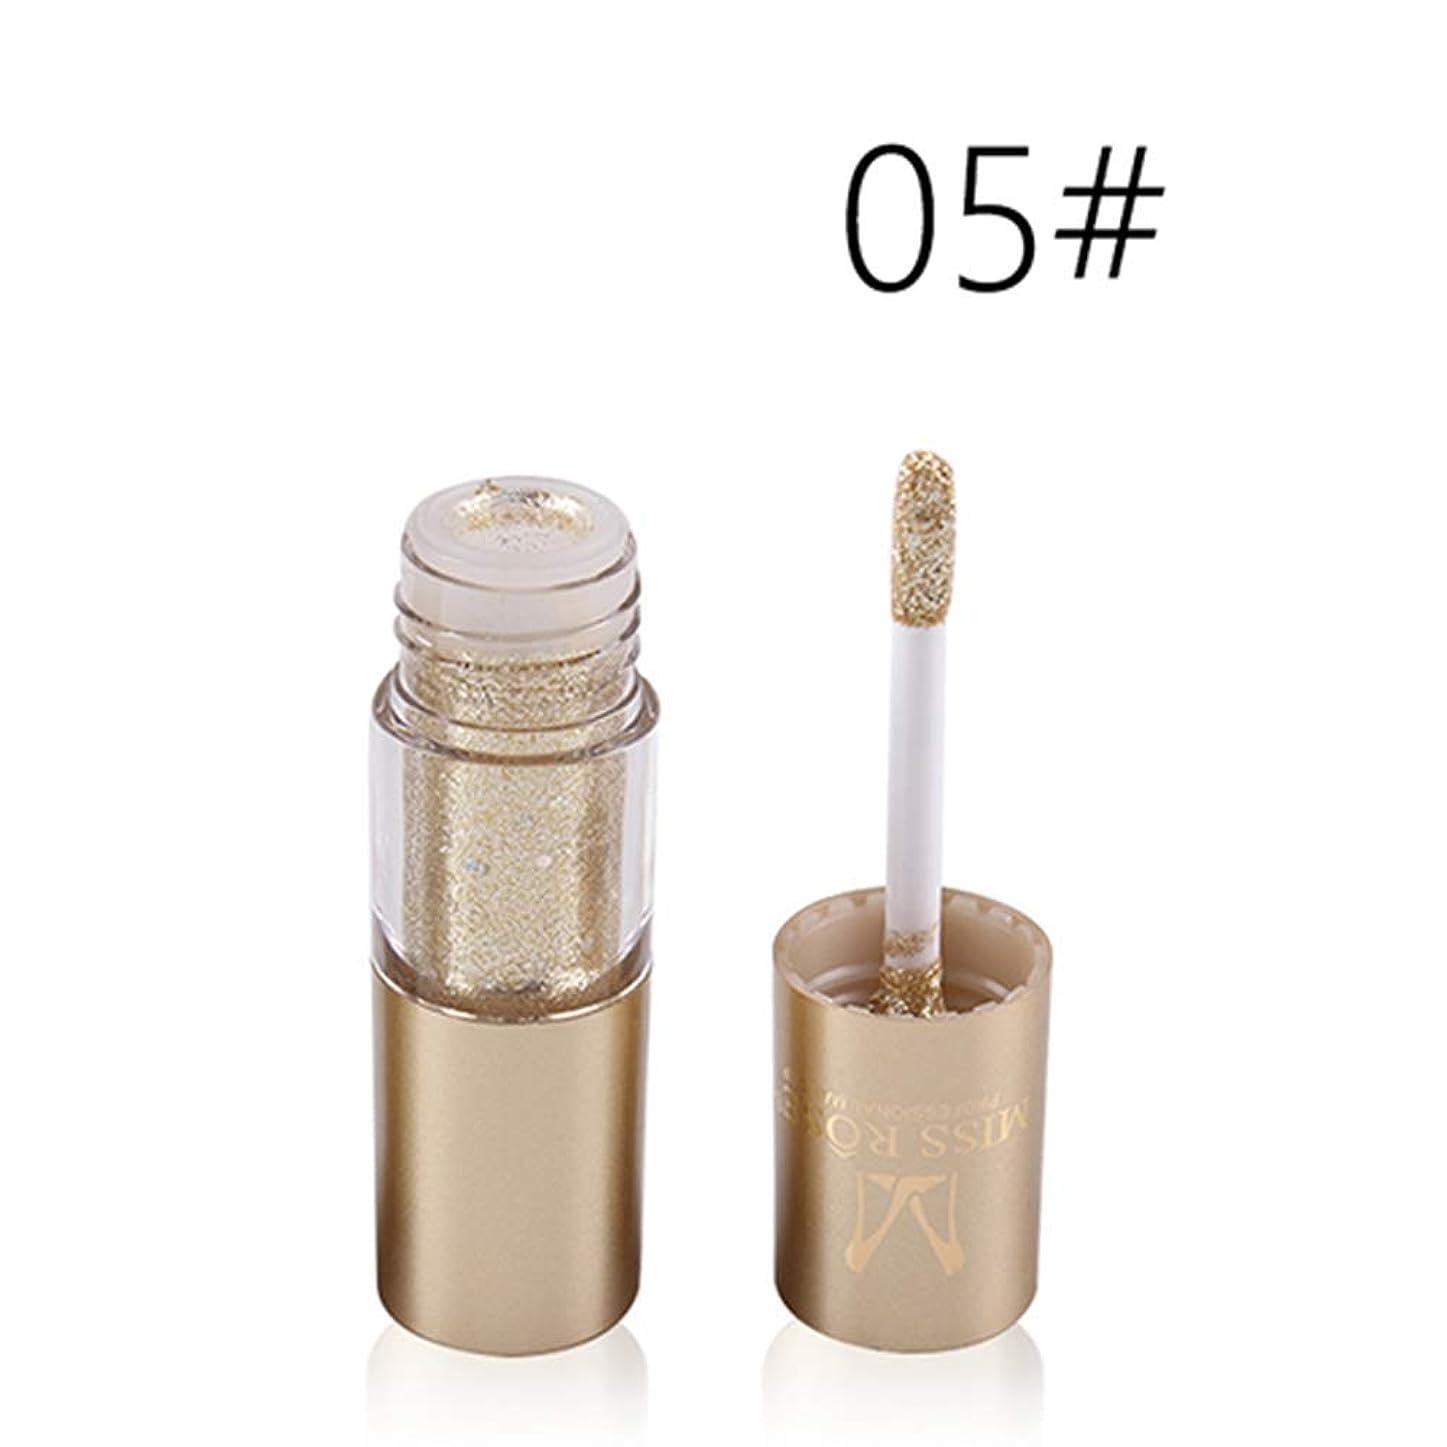 液化するスラッシュ臭いシャイニーリキッドロングシマーメタリックグリッターアイシャドウ、アイメイク、化粧品、ロテクト(M05)